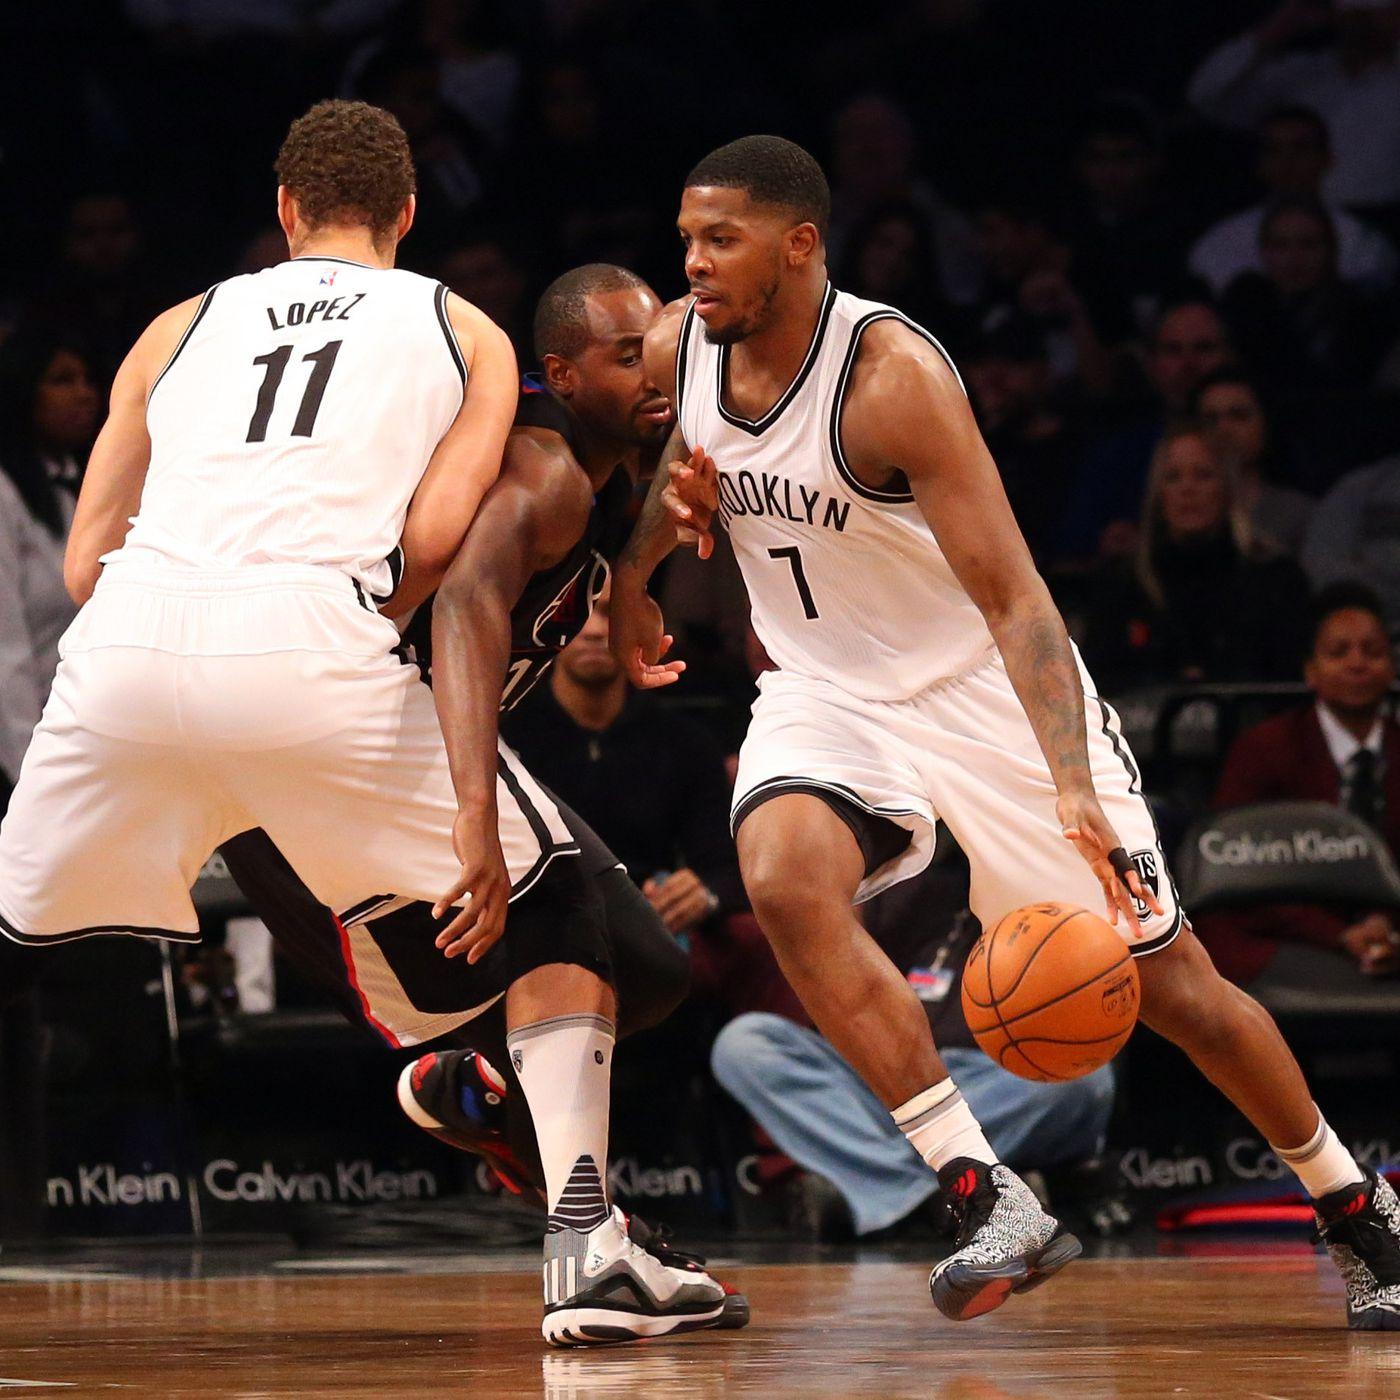 Orlando Magic vs Brooklyn Nets game time a6d76c0de